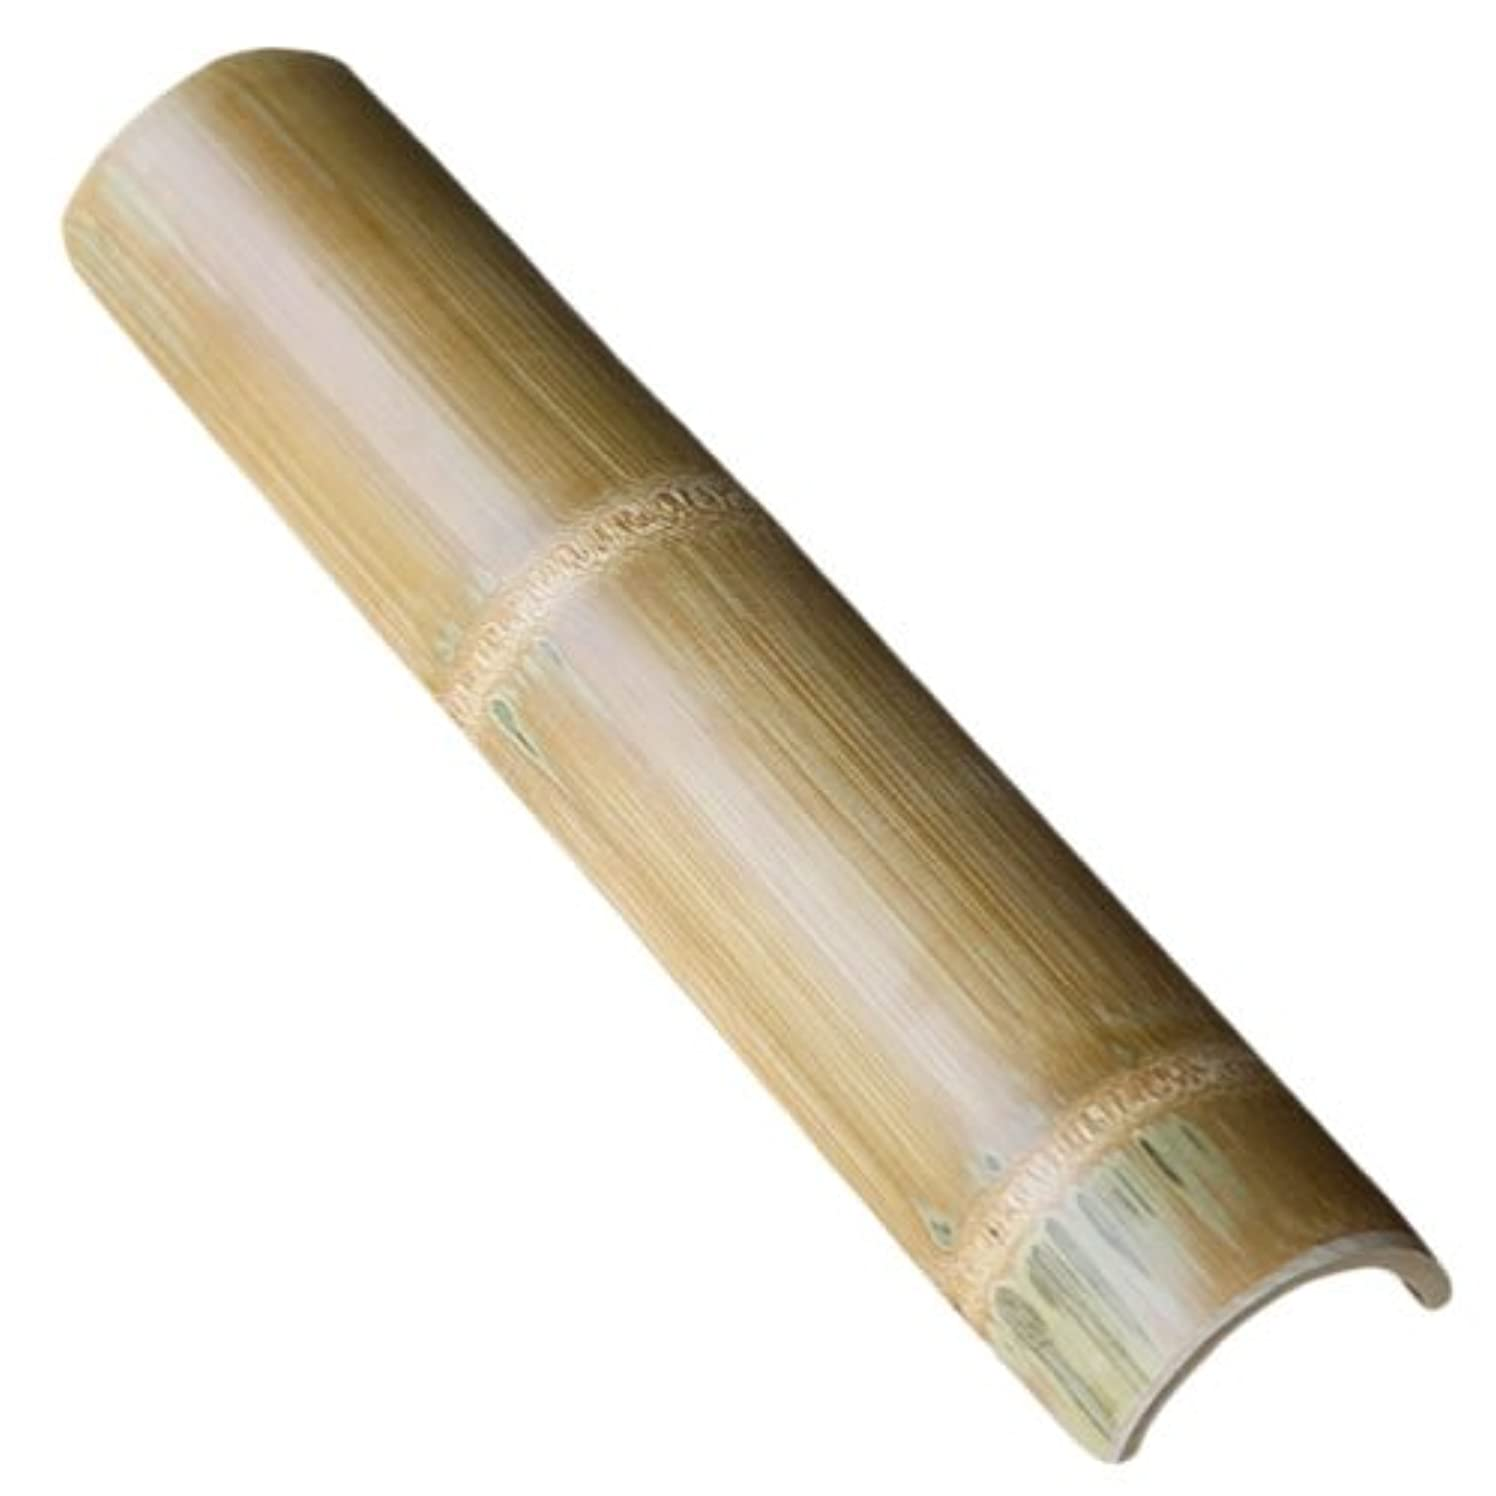 パケットパキスタン突然の【国産】青竹を炭化加工して防虫、防カビ効果を向上させて美しく磨き上げています竹踏み(炭化竹)